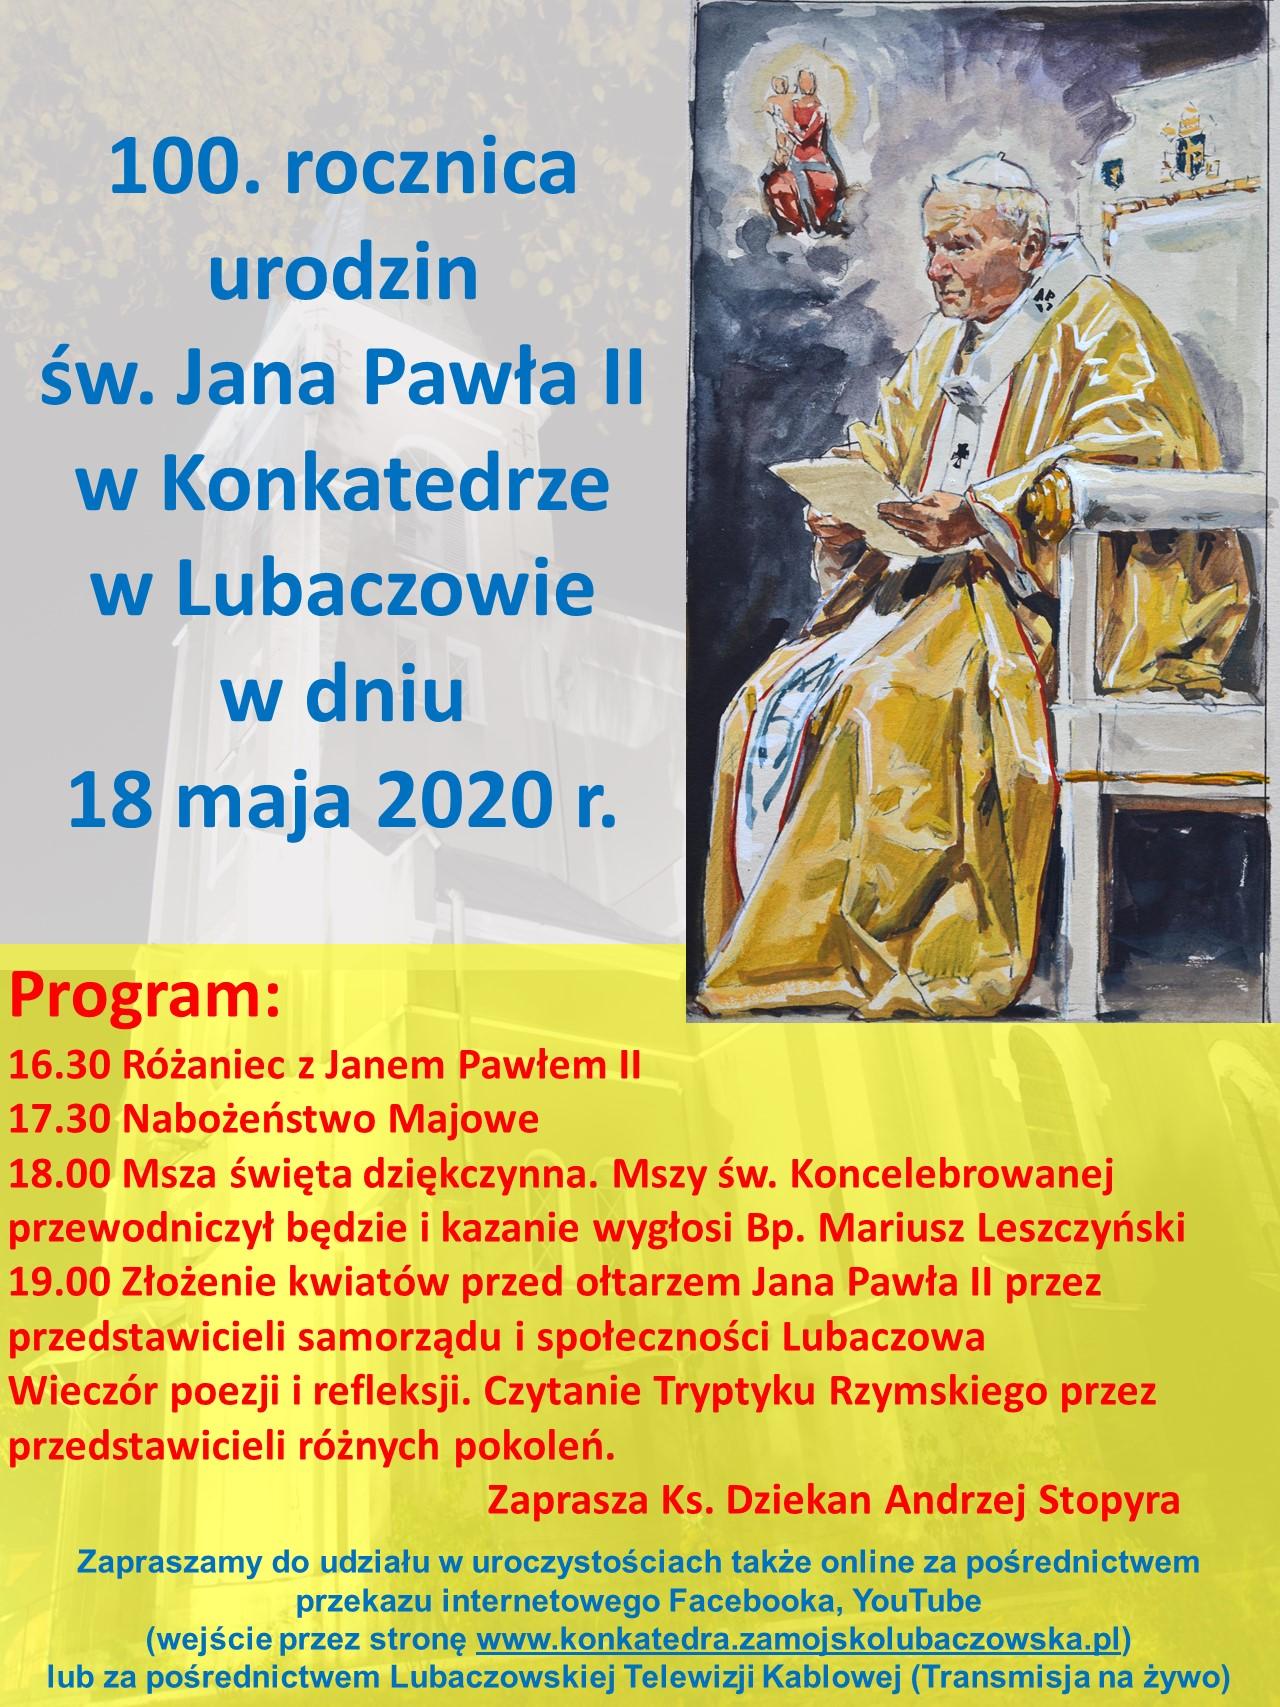 100. urodzin Jana Pawła II